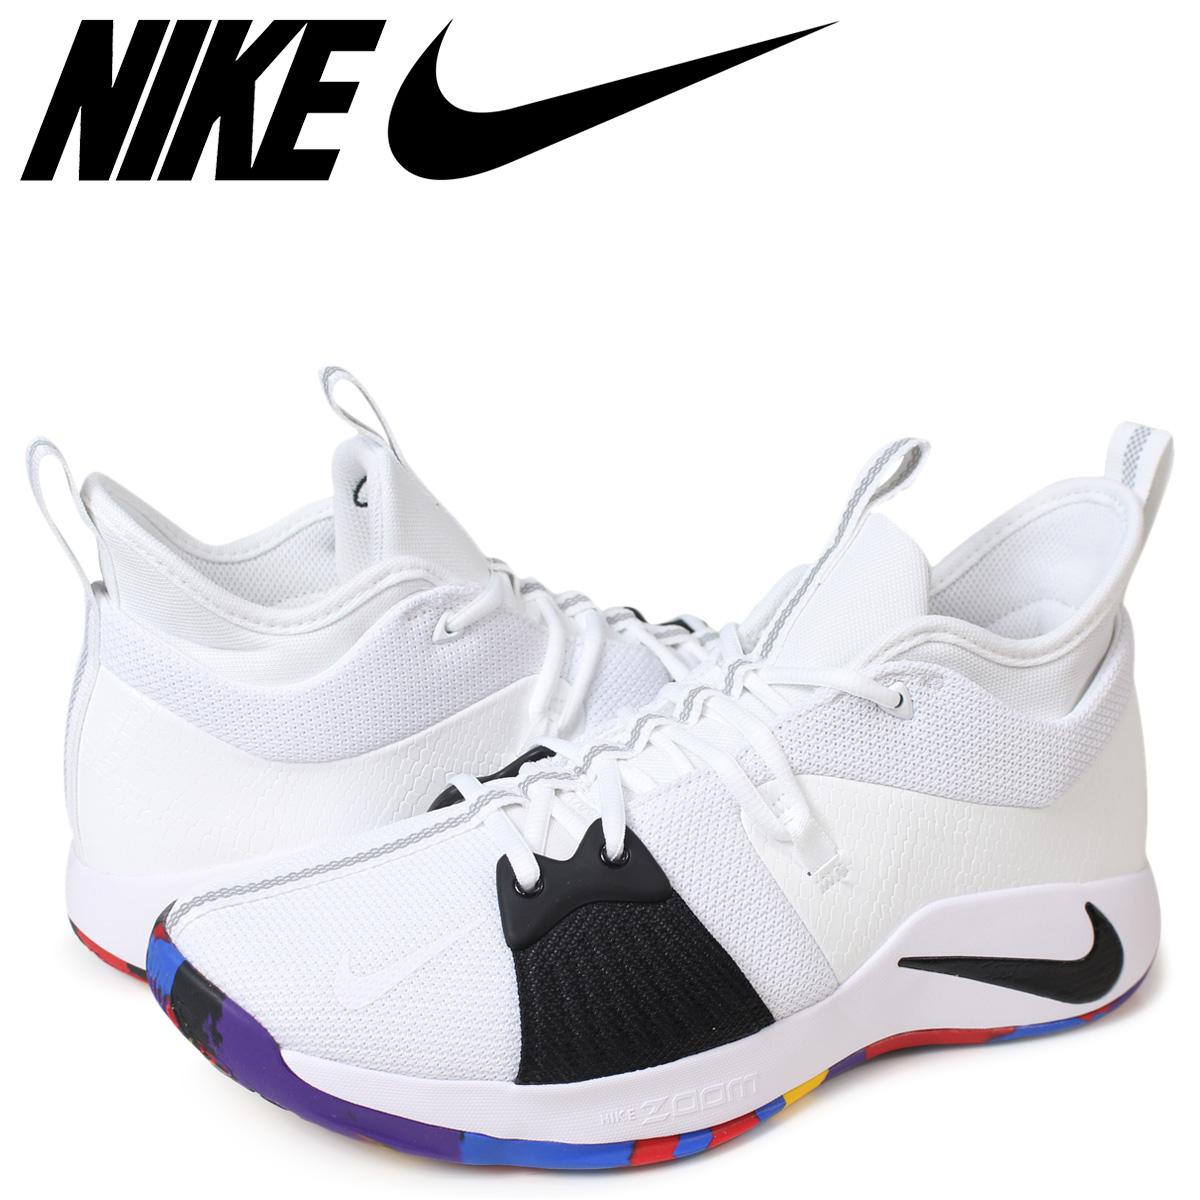 wholesale dealer 27b2d 7d7e7 NIKE PG 2 TS EP Nike PG2 sneakers men AJ5164-100 white